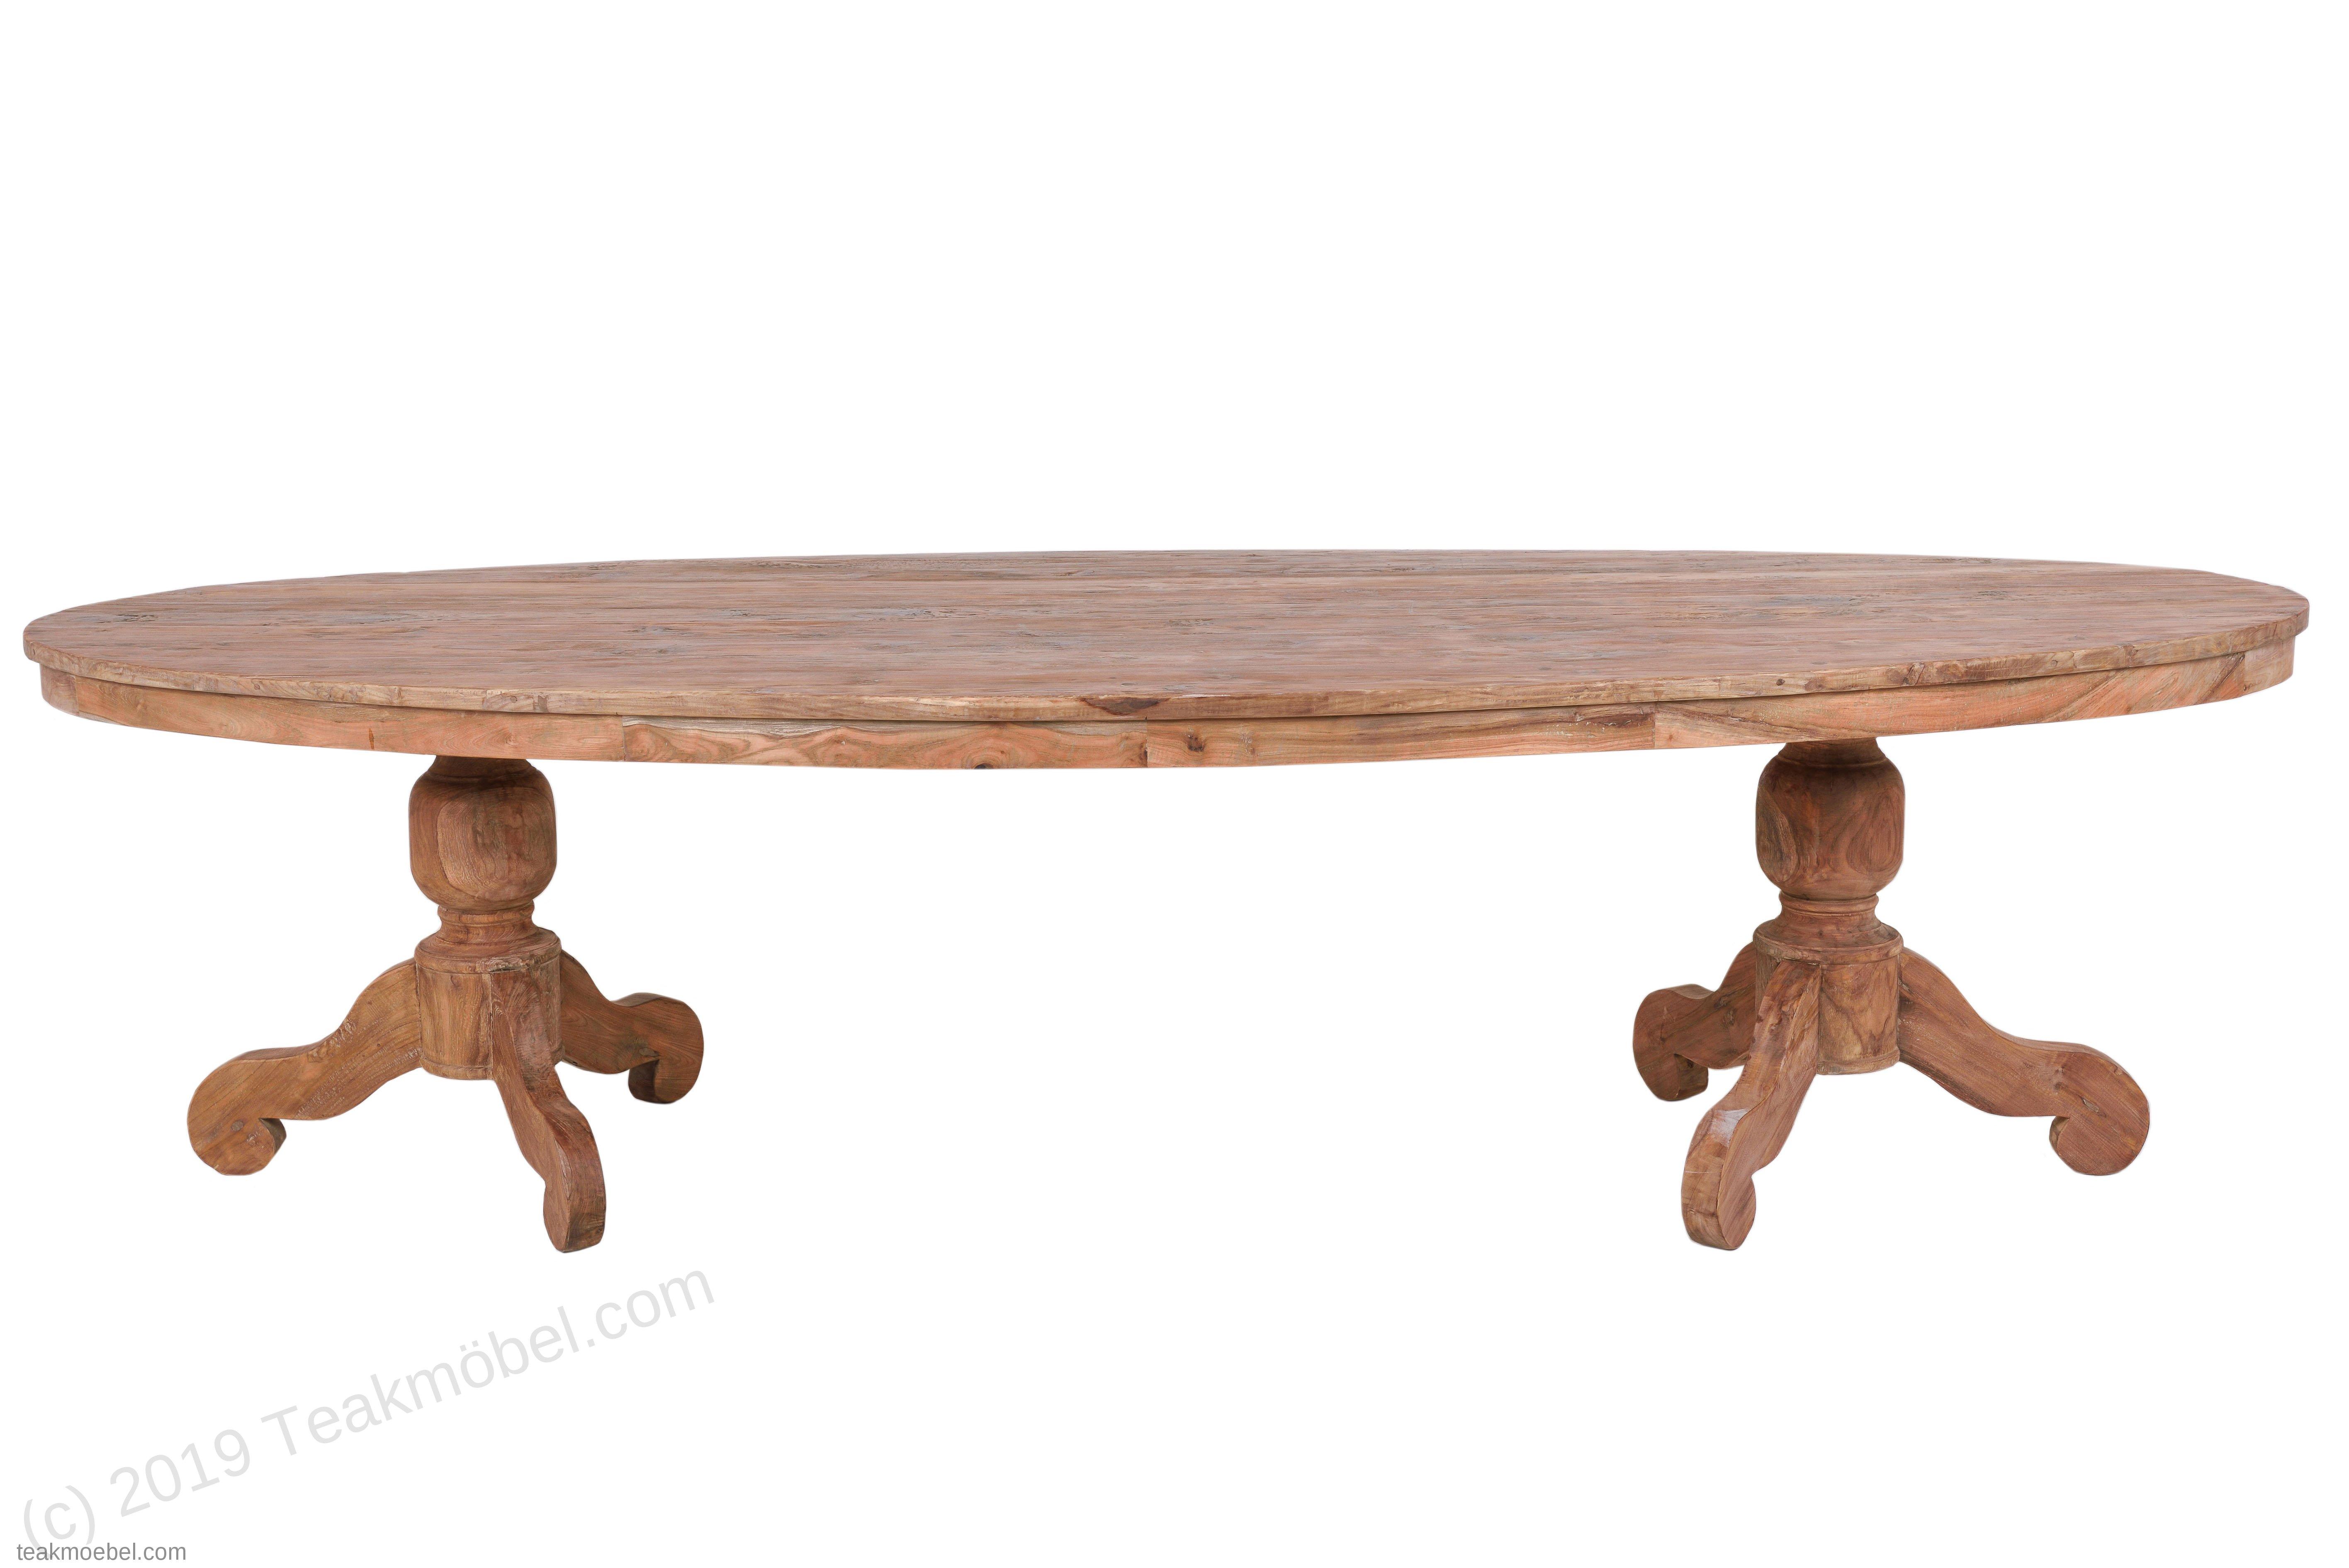 Ovaler Esstisch Holz ~ Esstisch holz oval simple esstisch holz metall images esstisch